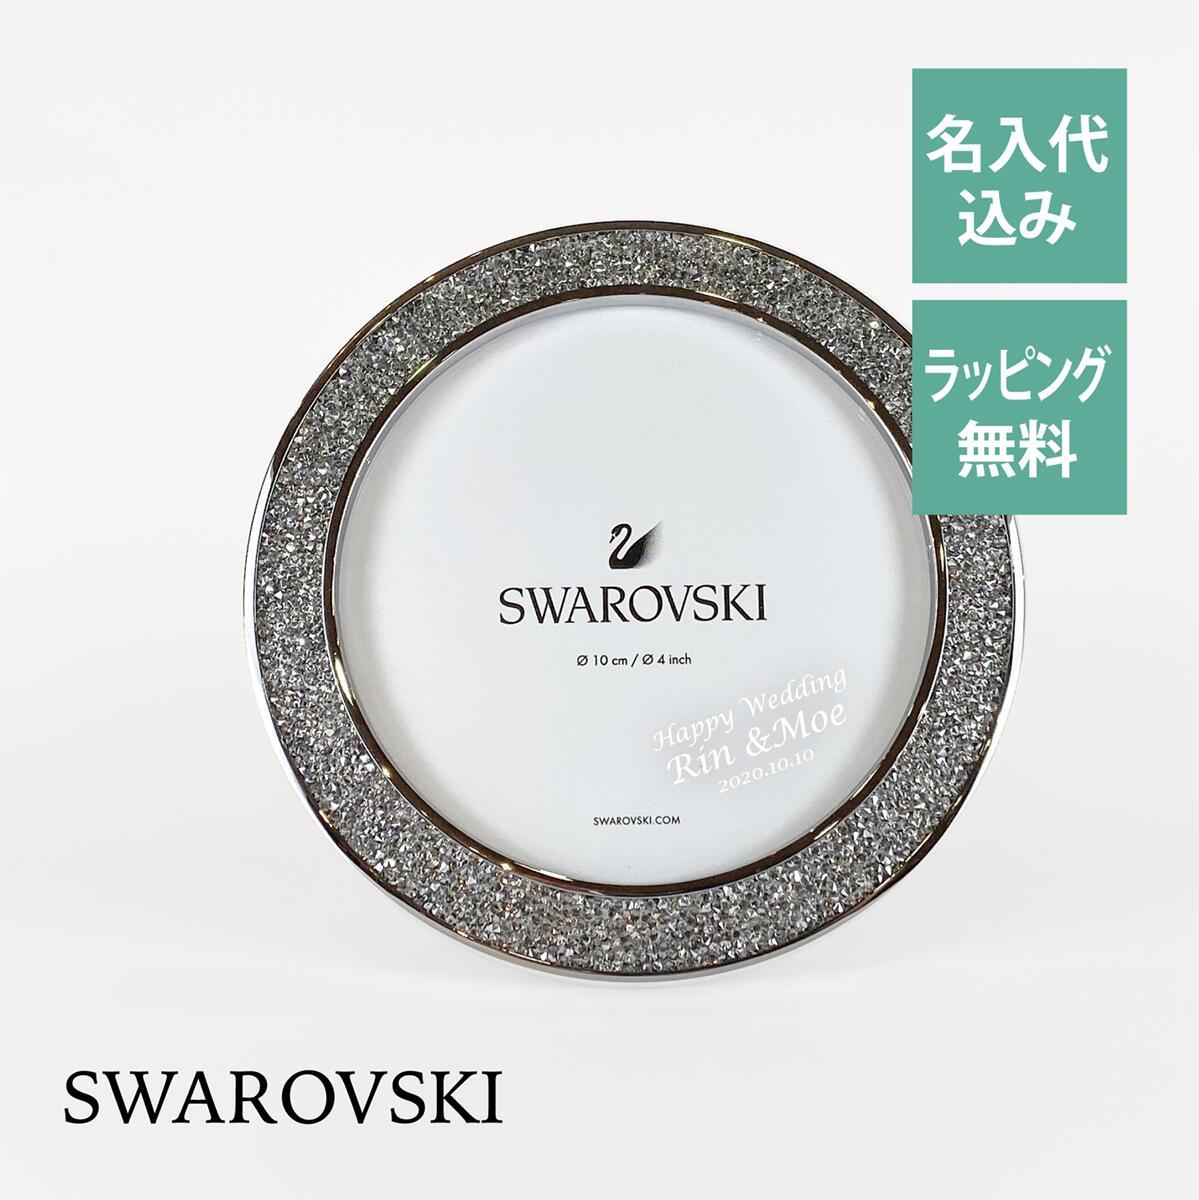 スワロフスキー SWAROVSKI MINERA フォトフレーム 名入れ彫刻代込み出産祝 結婚祝 還暦 長寿祝 母の日 誕生日 プレゼント 名入れ ギフト 写真立て ピクチャーフレーム